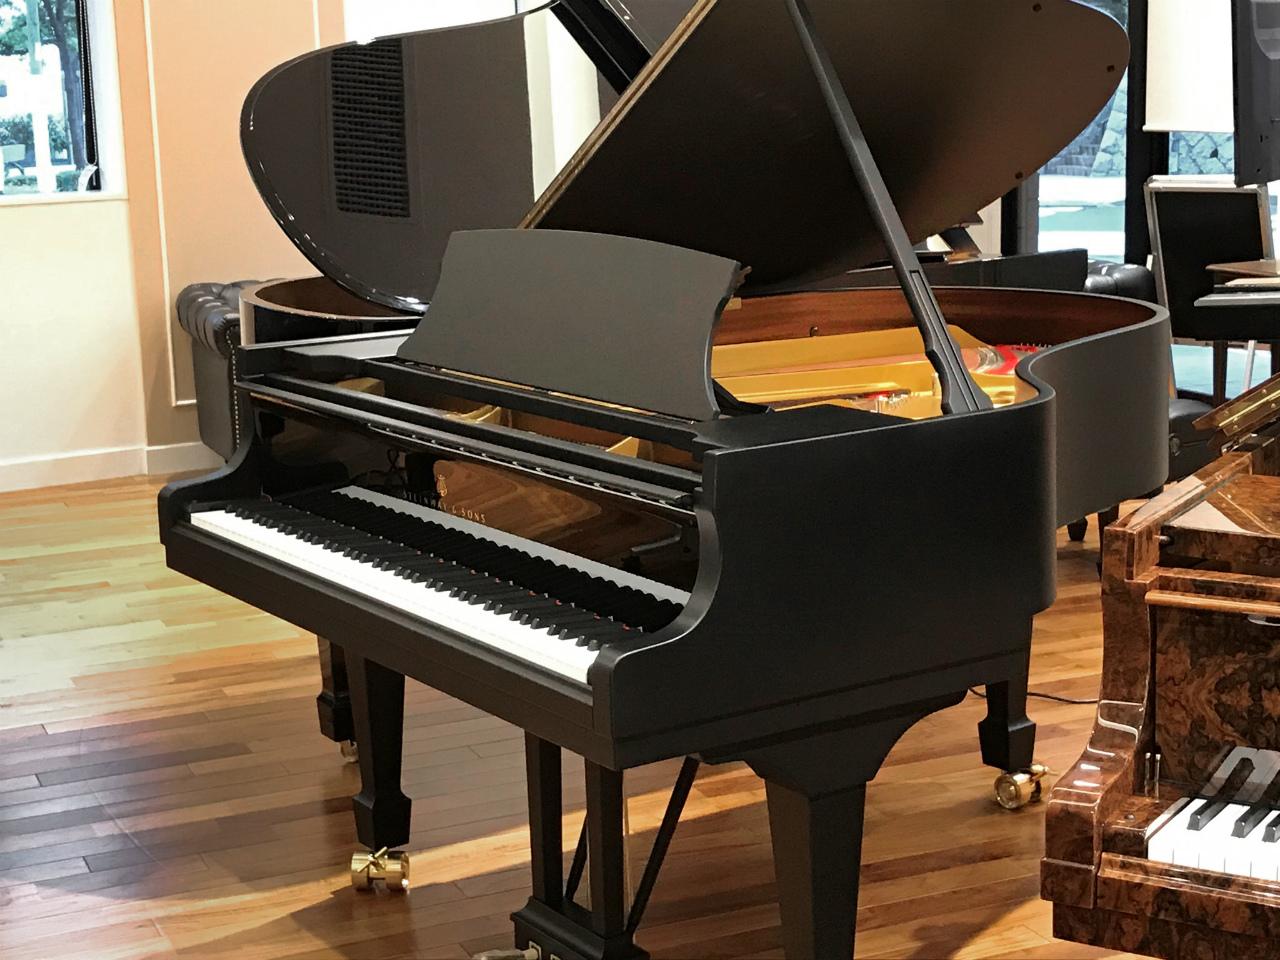 期間限定特別展示Steinway MT-170 (ピアノ教師の皆様のための特別仕様)